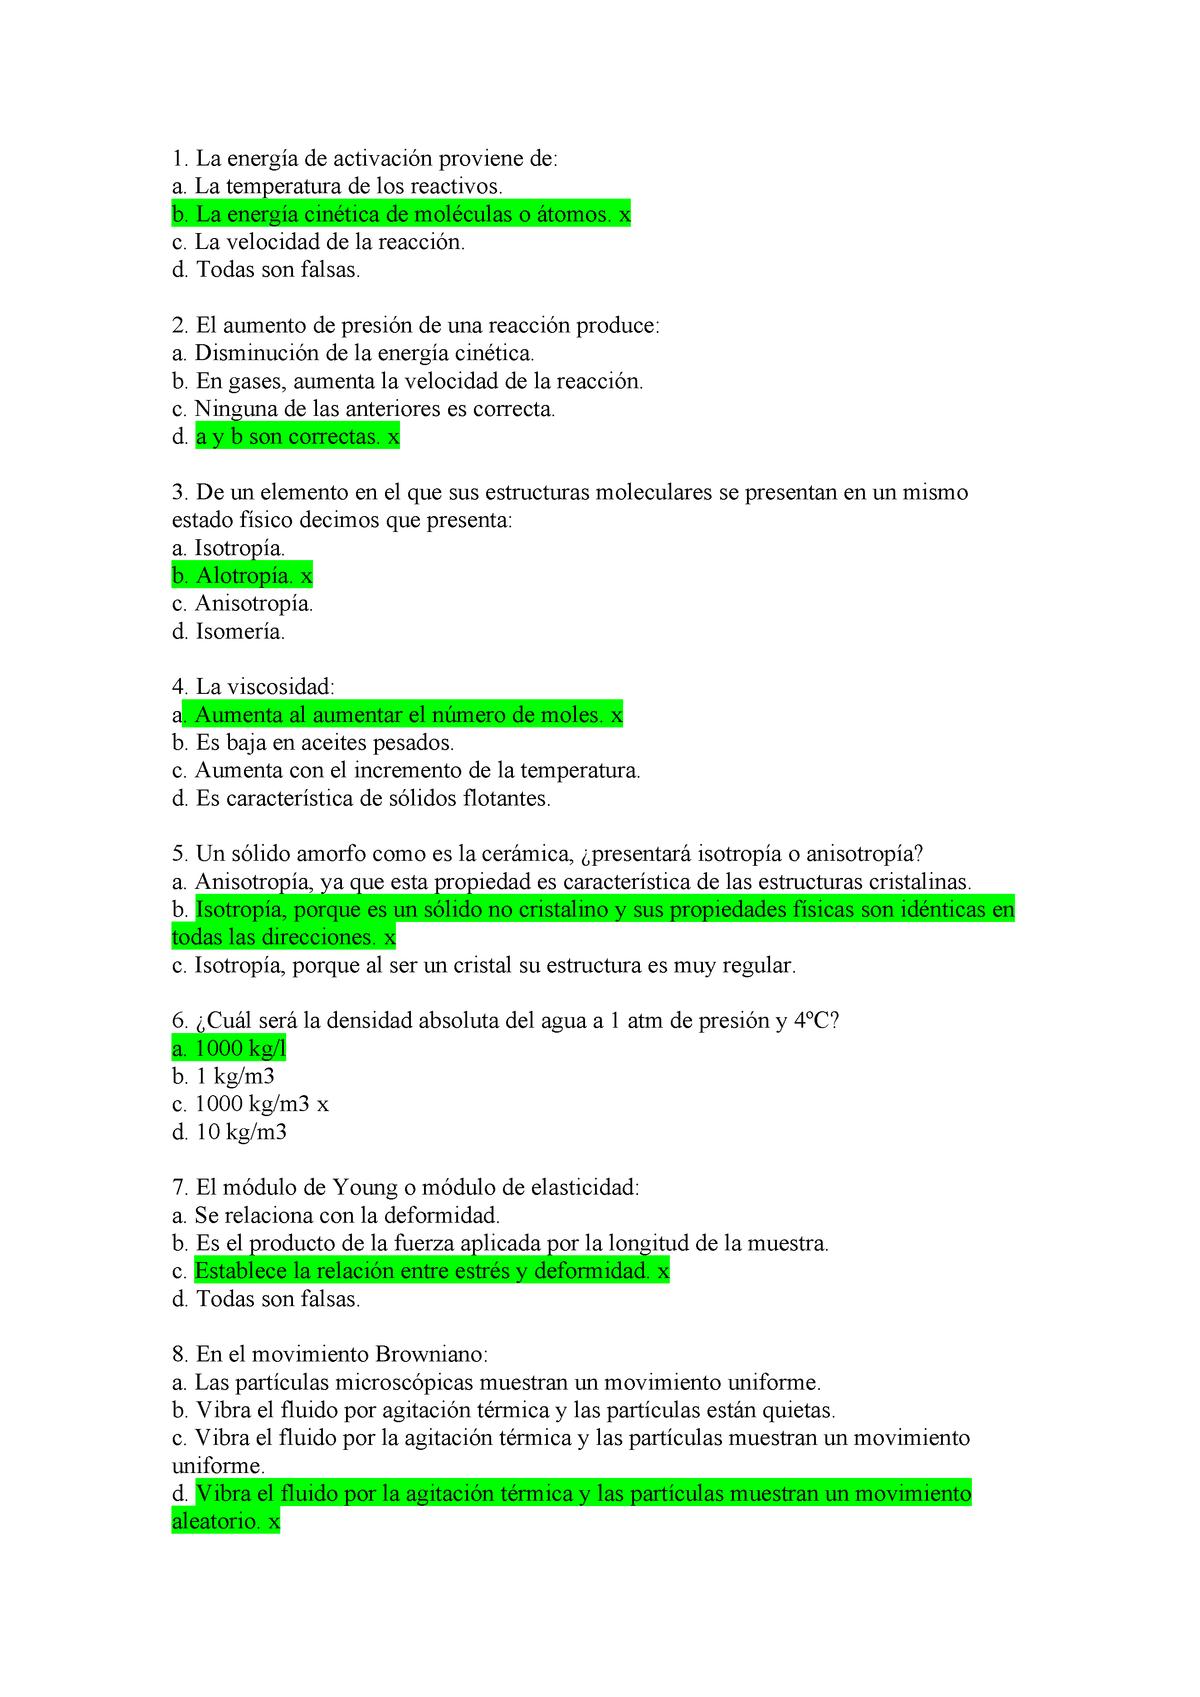 Examen 15 Octubre 2016 Preguntas Y Respuestas Studocu